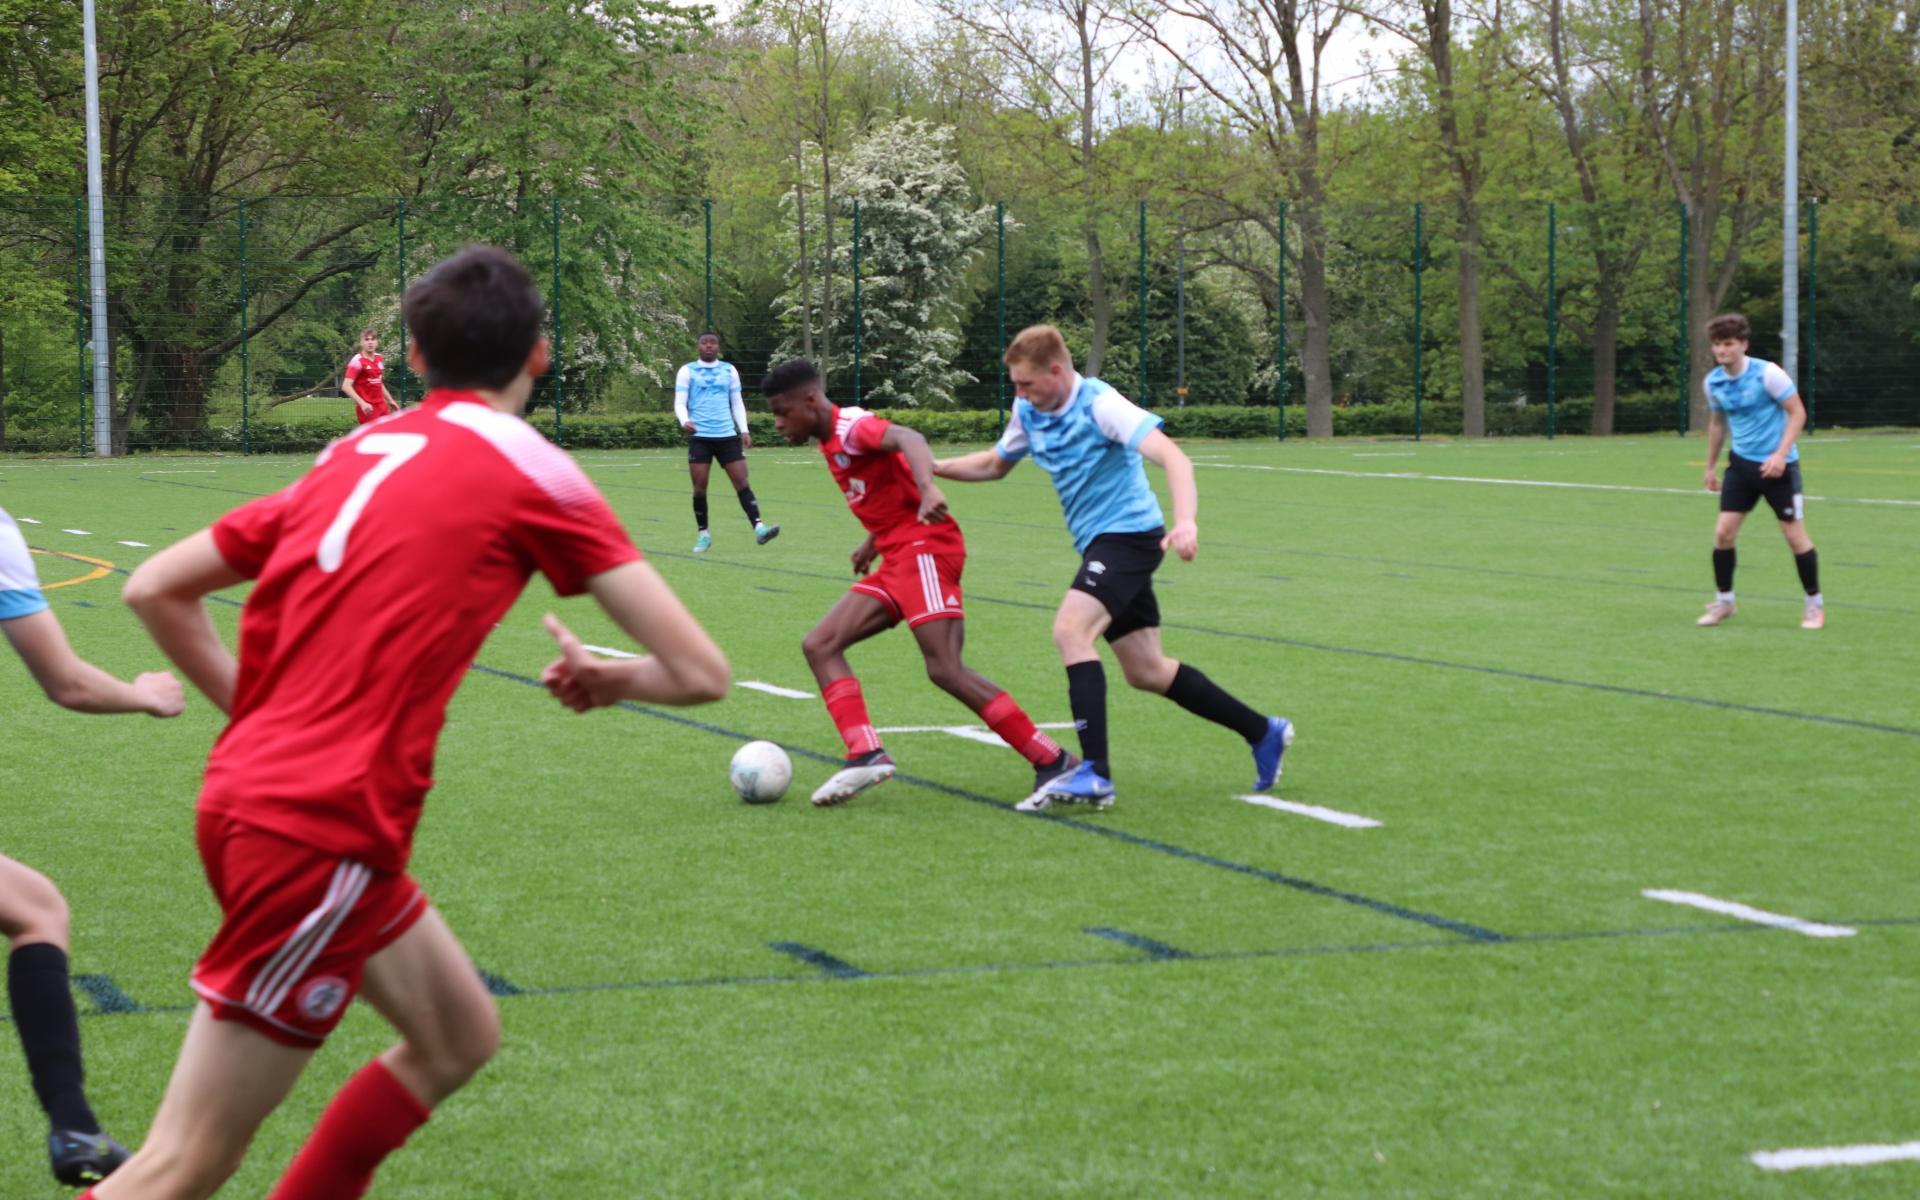 Match action against Accrington Stanley